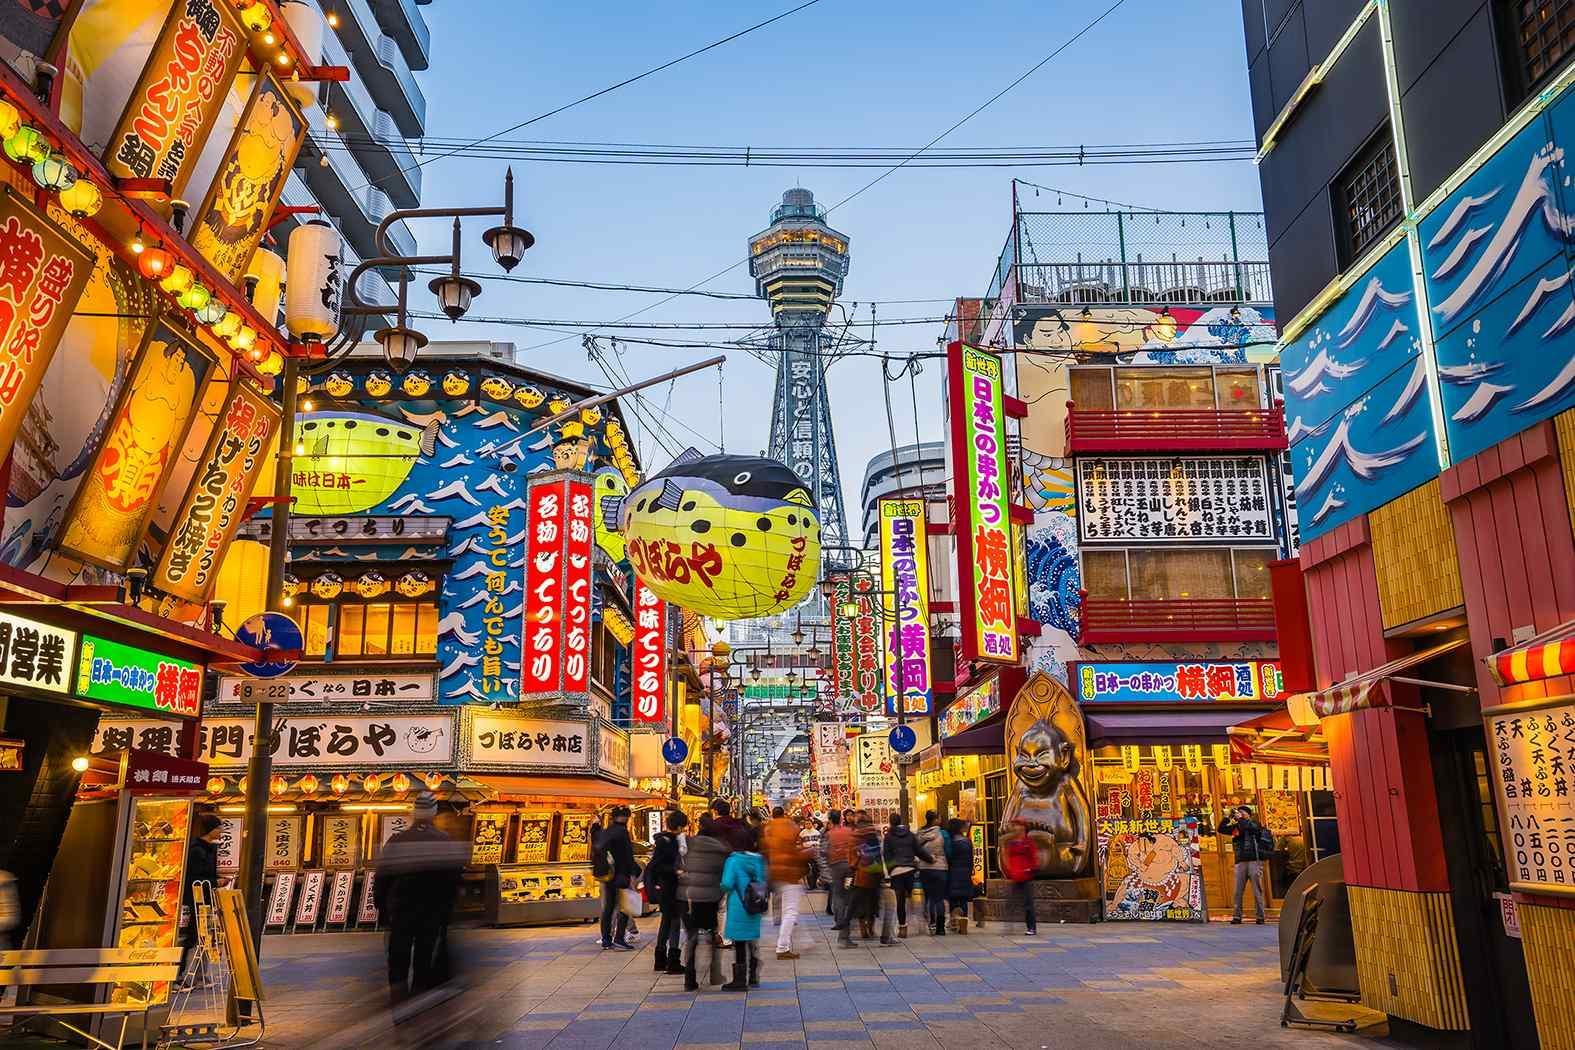 大阪未來在世博及賭場發展,並作為熱門旅遊樞紐地區等優勢帶動下,將會迎來龐大的置業及租住需求。